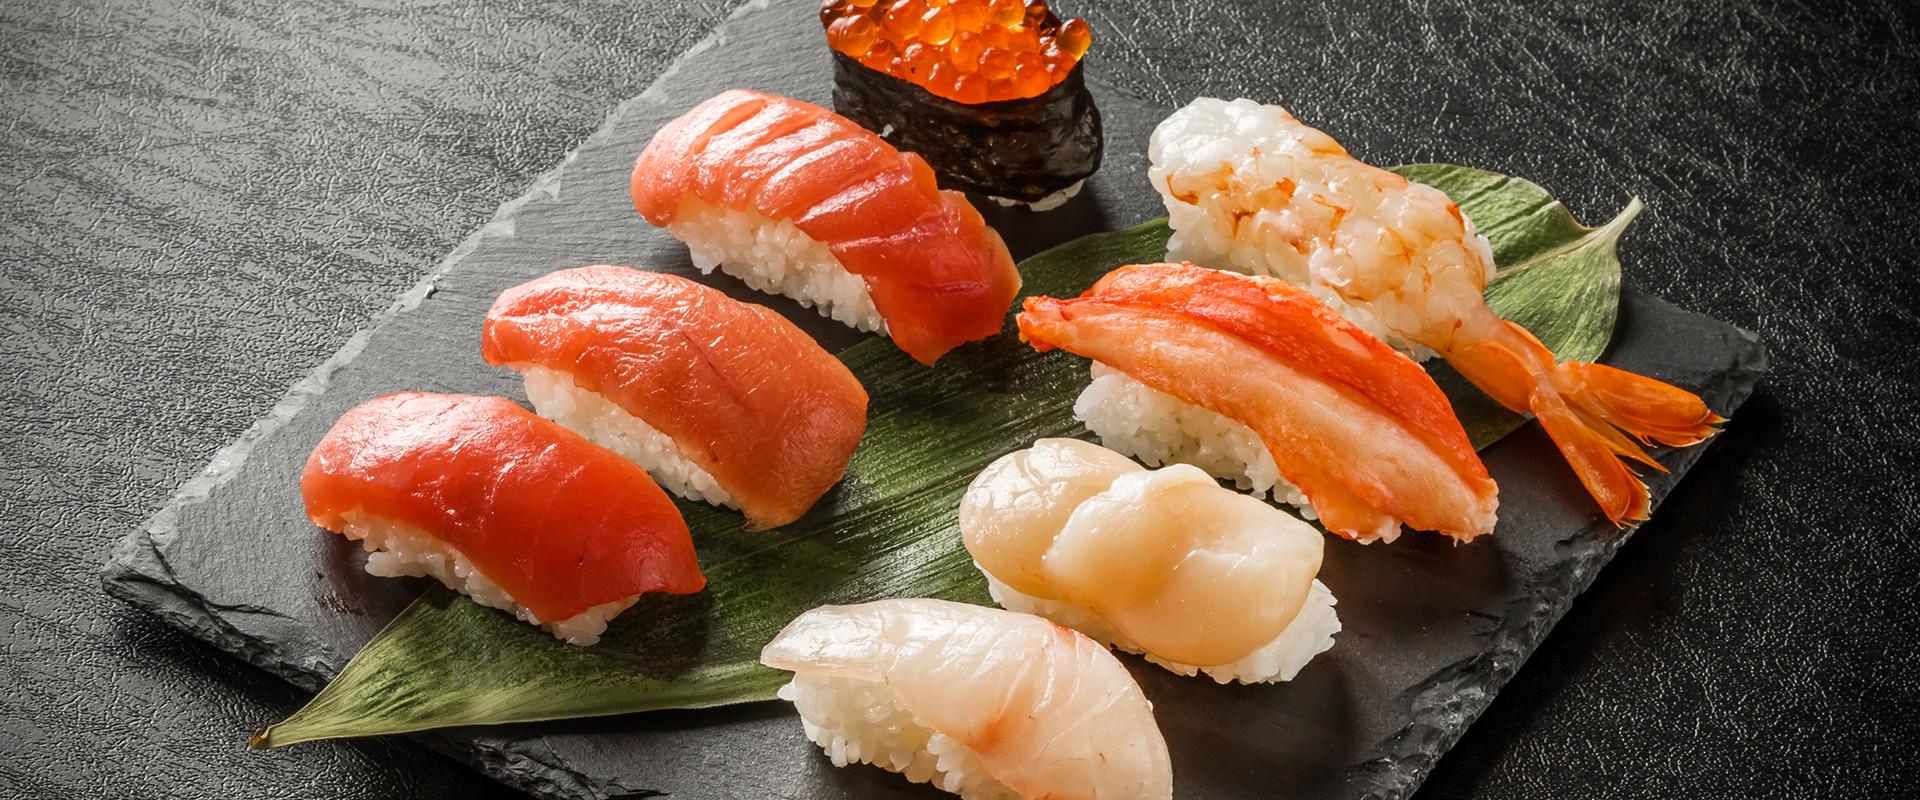 おいしいものを新鮮なものを奄美の新鮮な魚と鹿児島の黒豚郷土料理のお食事処